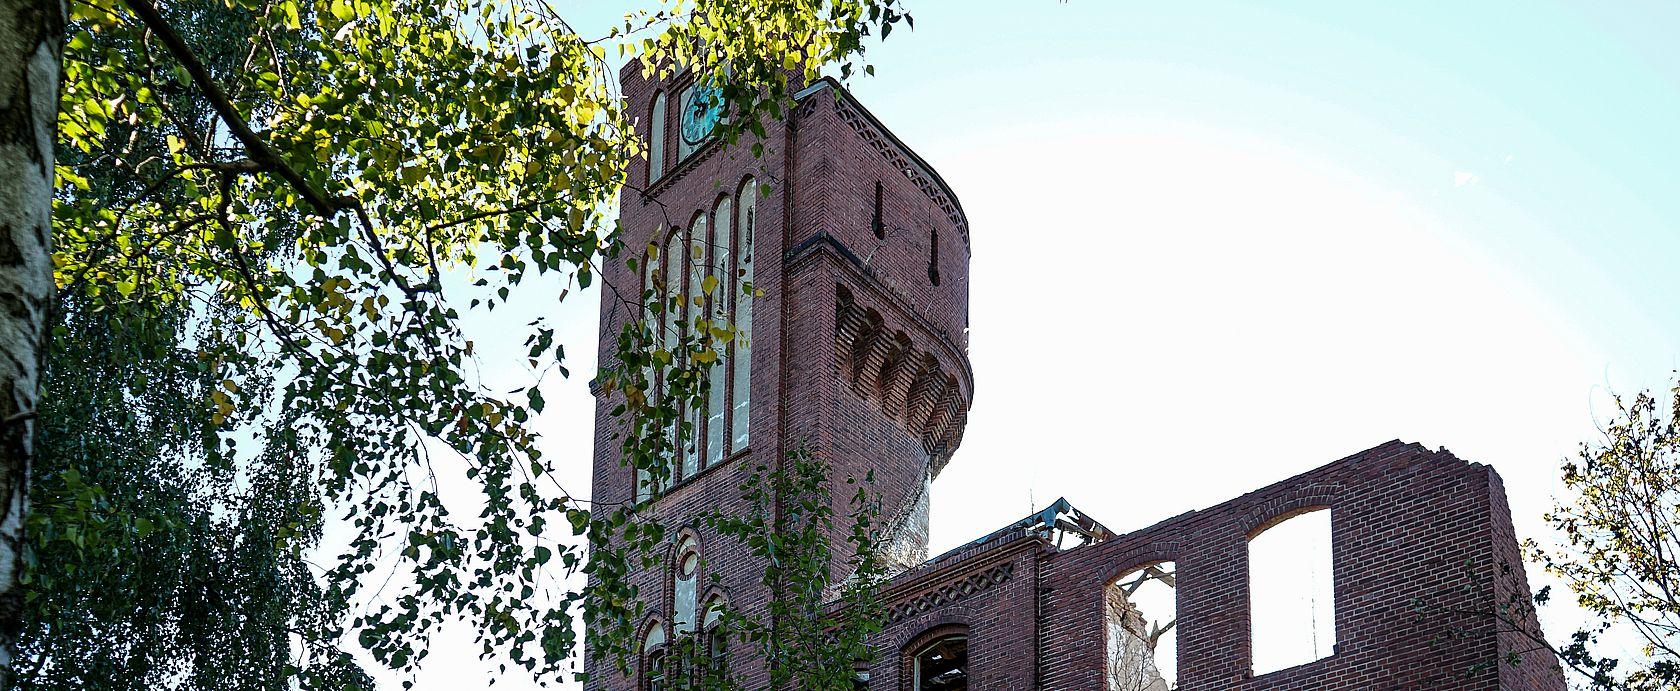 Dier Kaserne mit Wasserturm